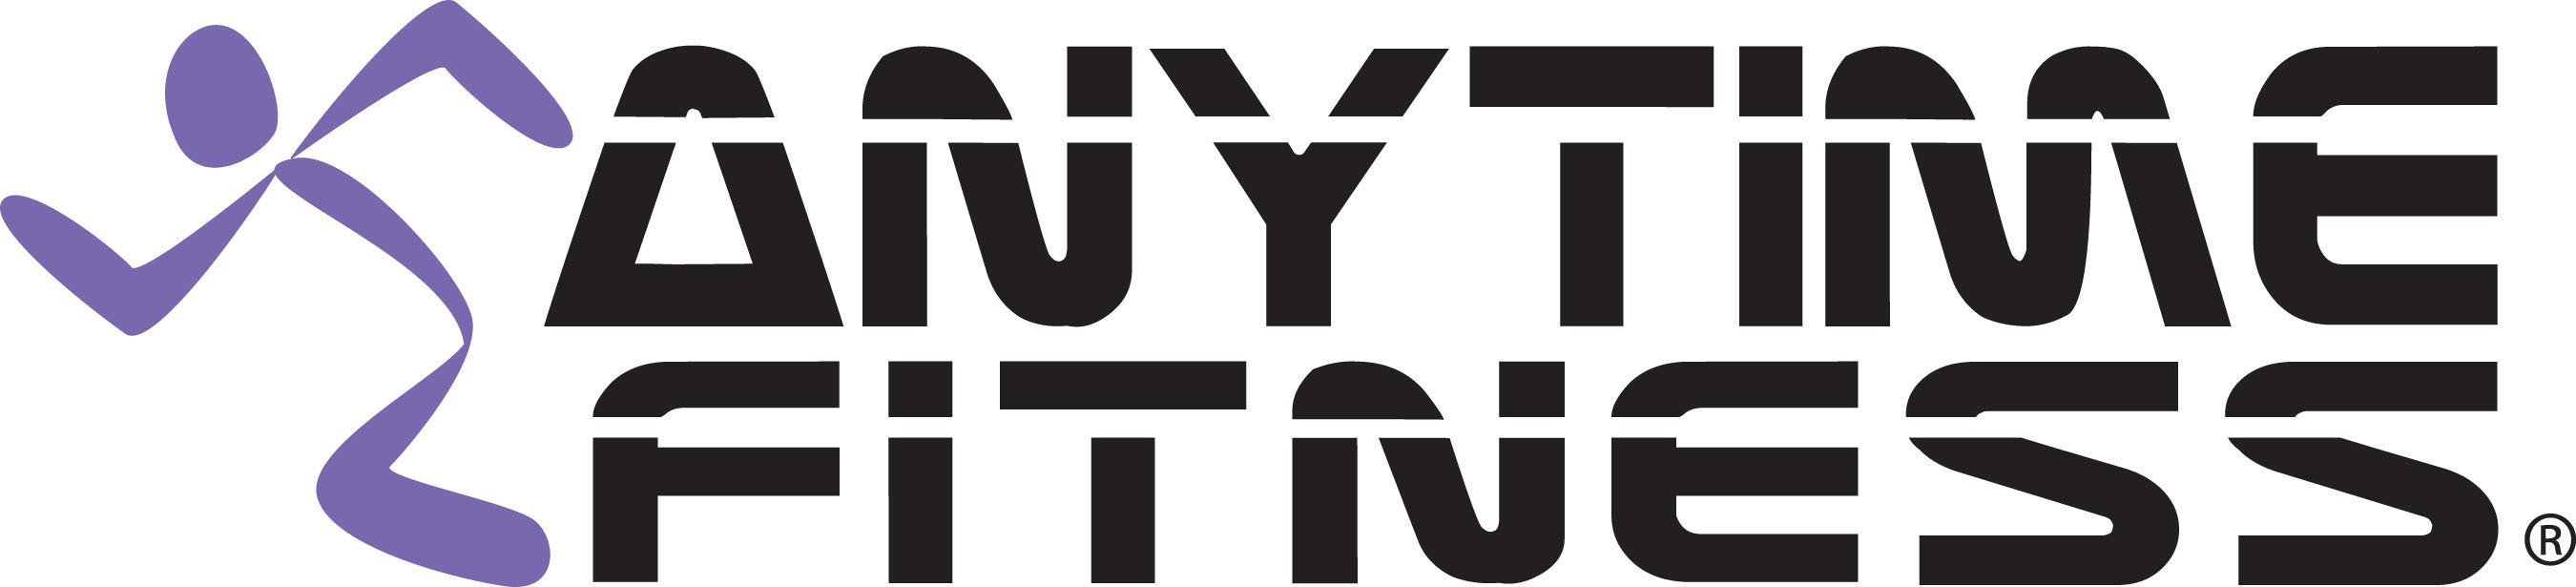 Anytime Fitness logo.